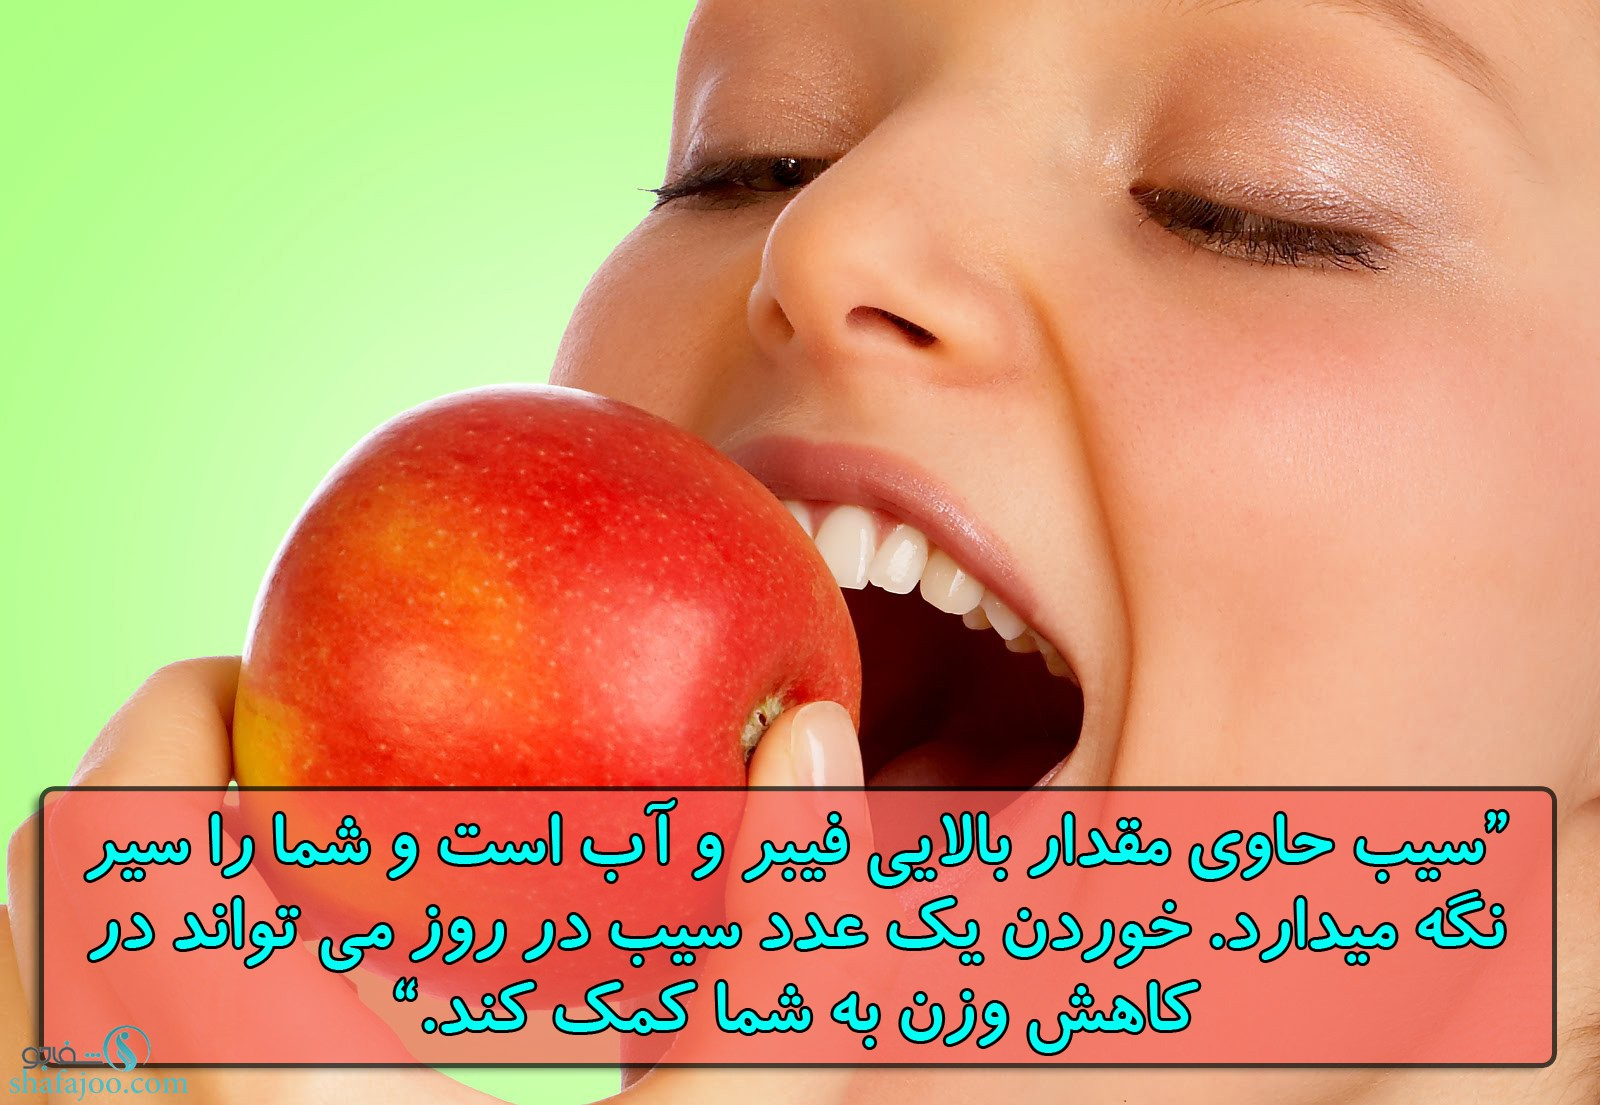 سیب و فوائد آن